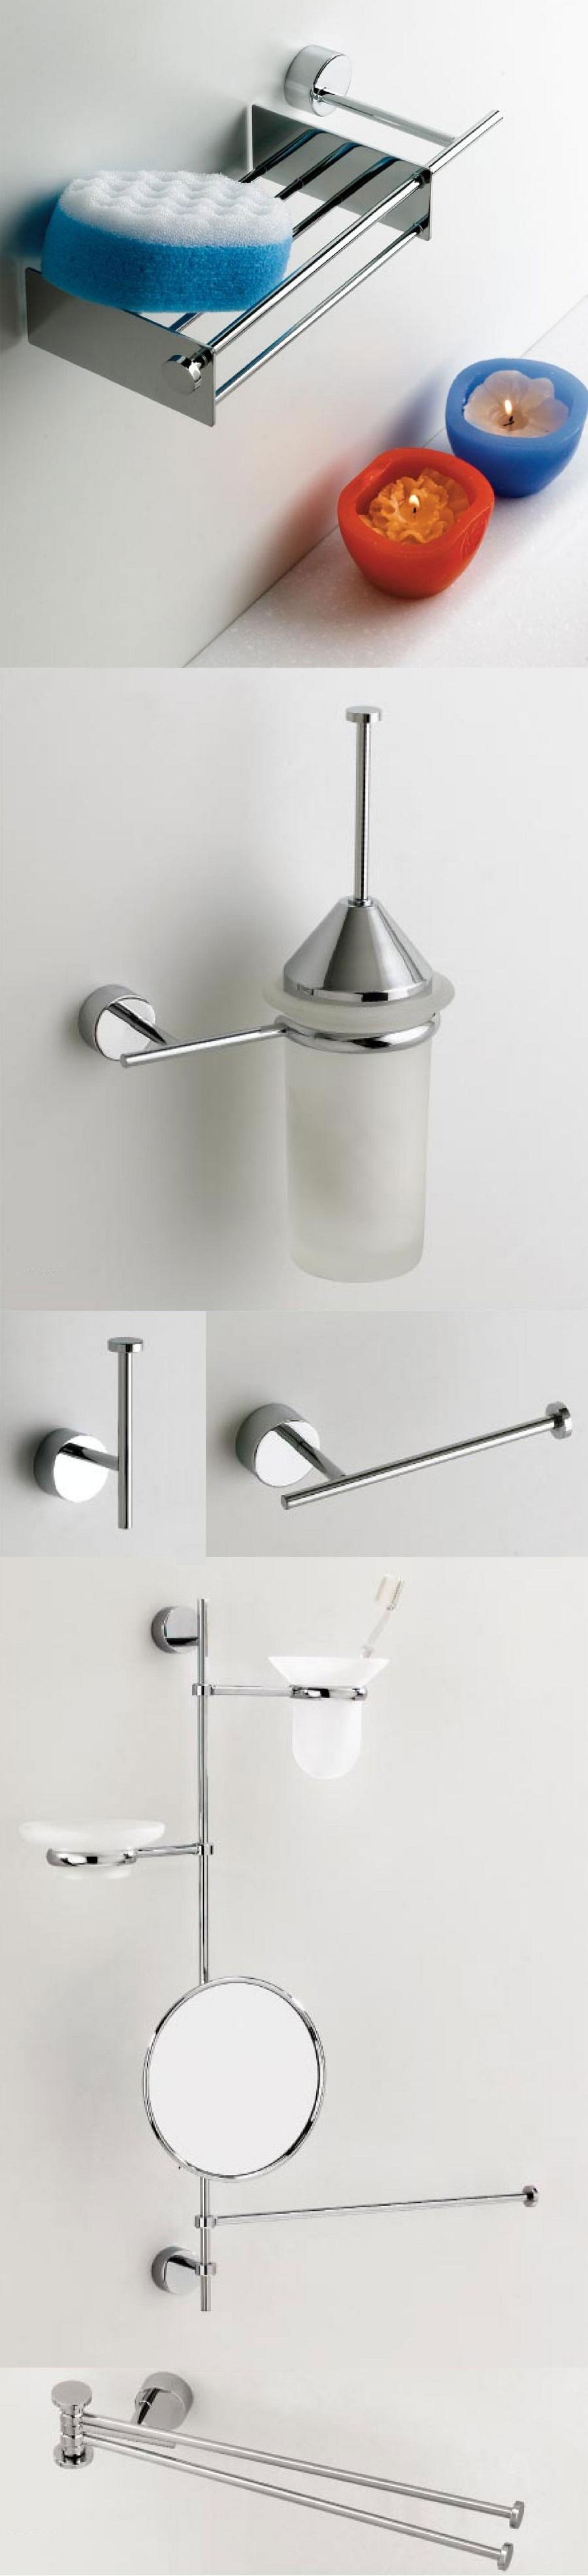 Pensile accessori arredo bagno design moderno angolare for Arredo bagno angolare